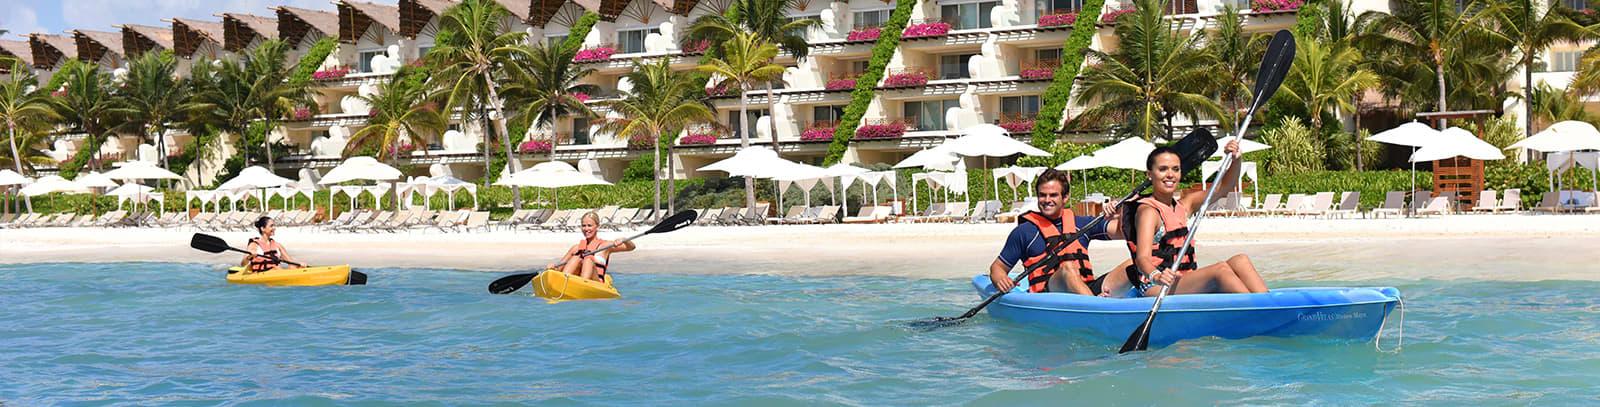 Riviera Maya, México: Atracciones